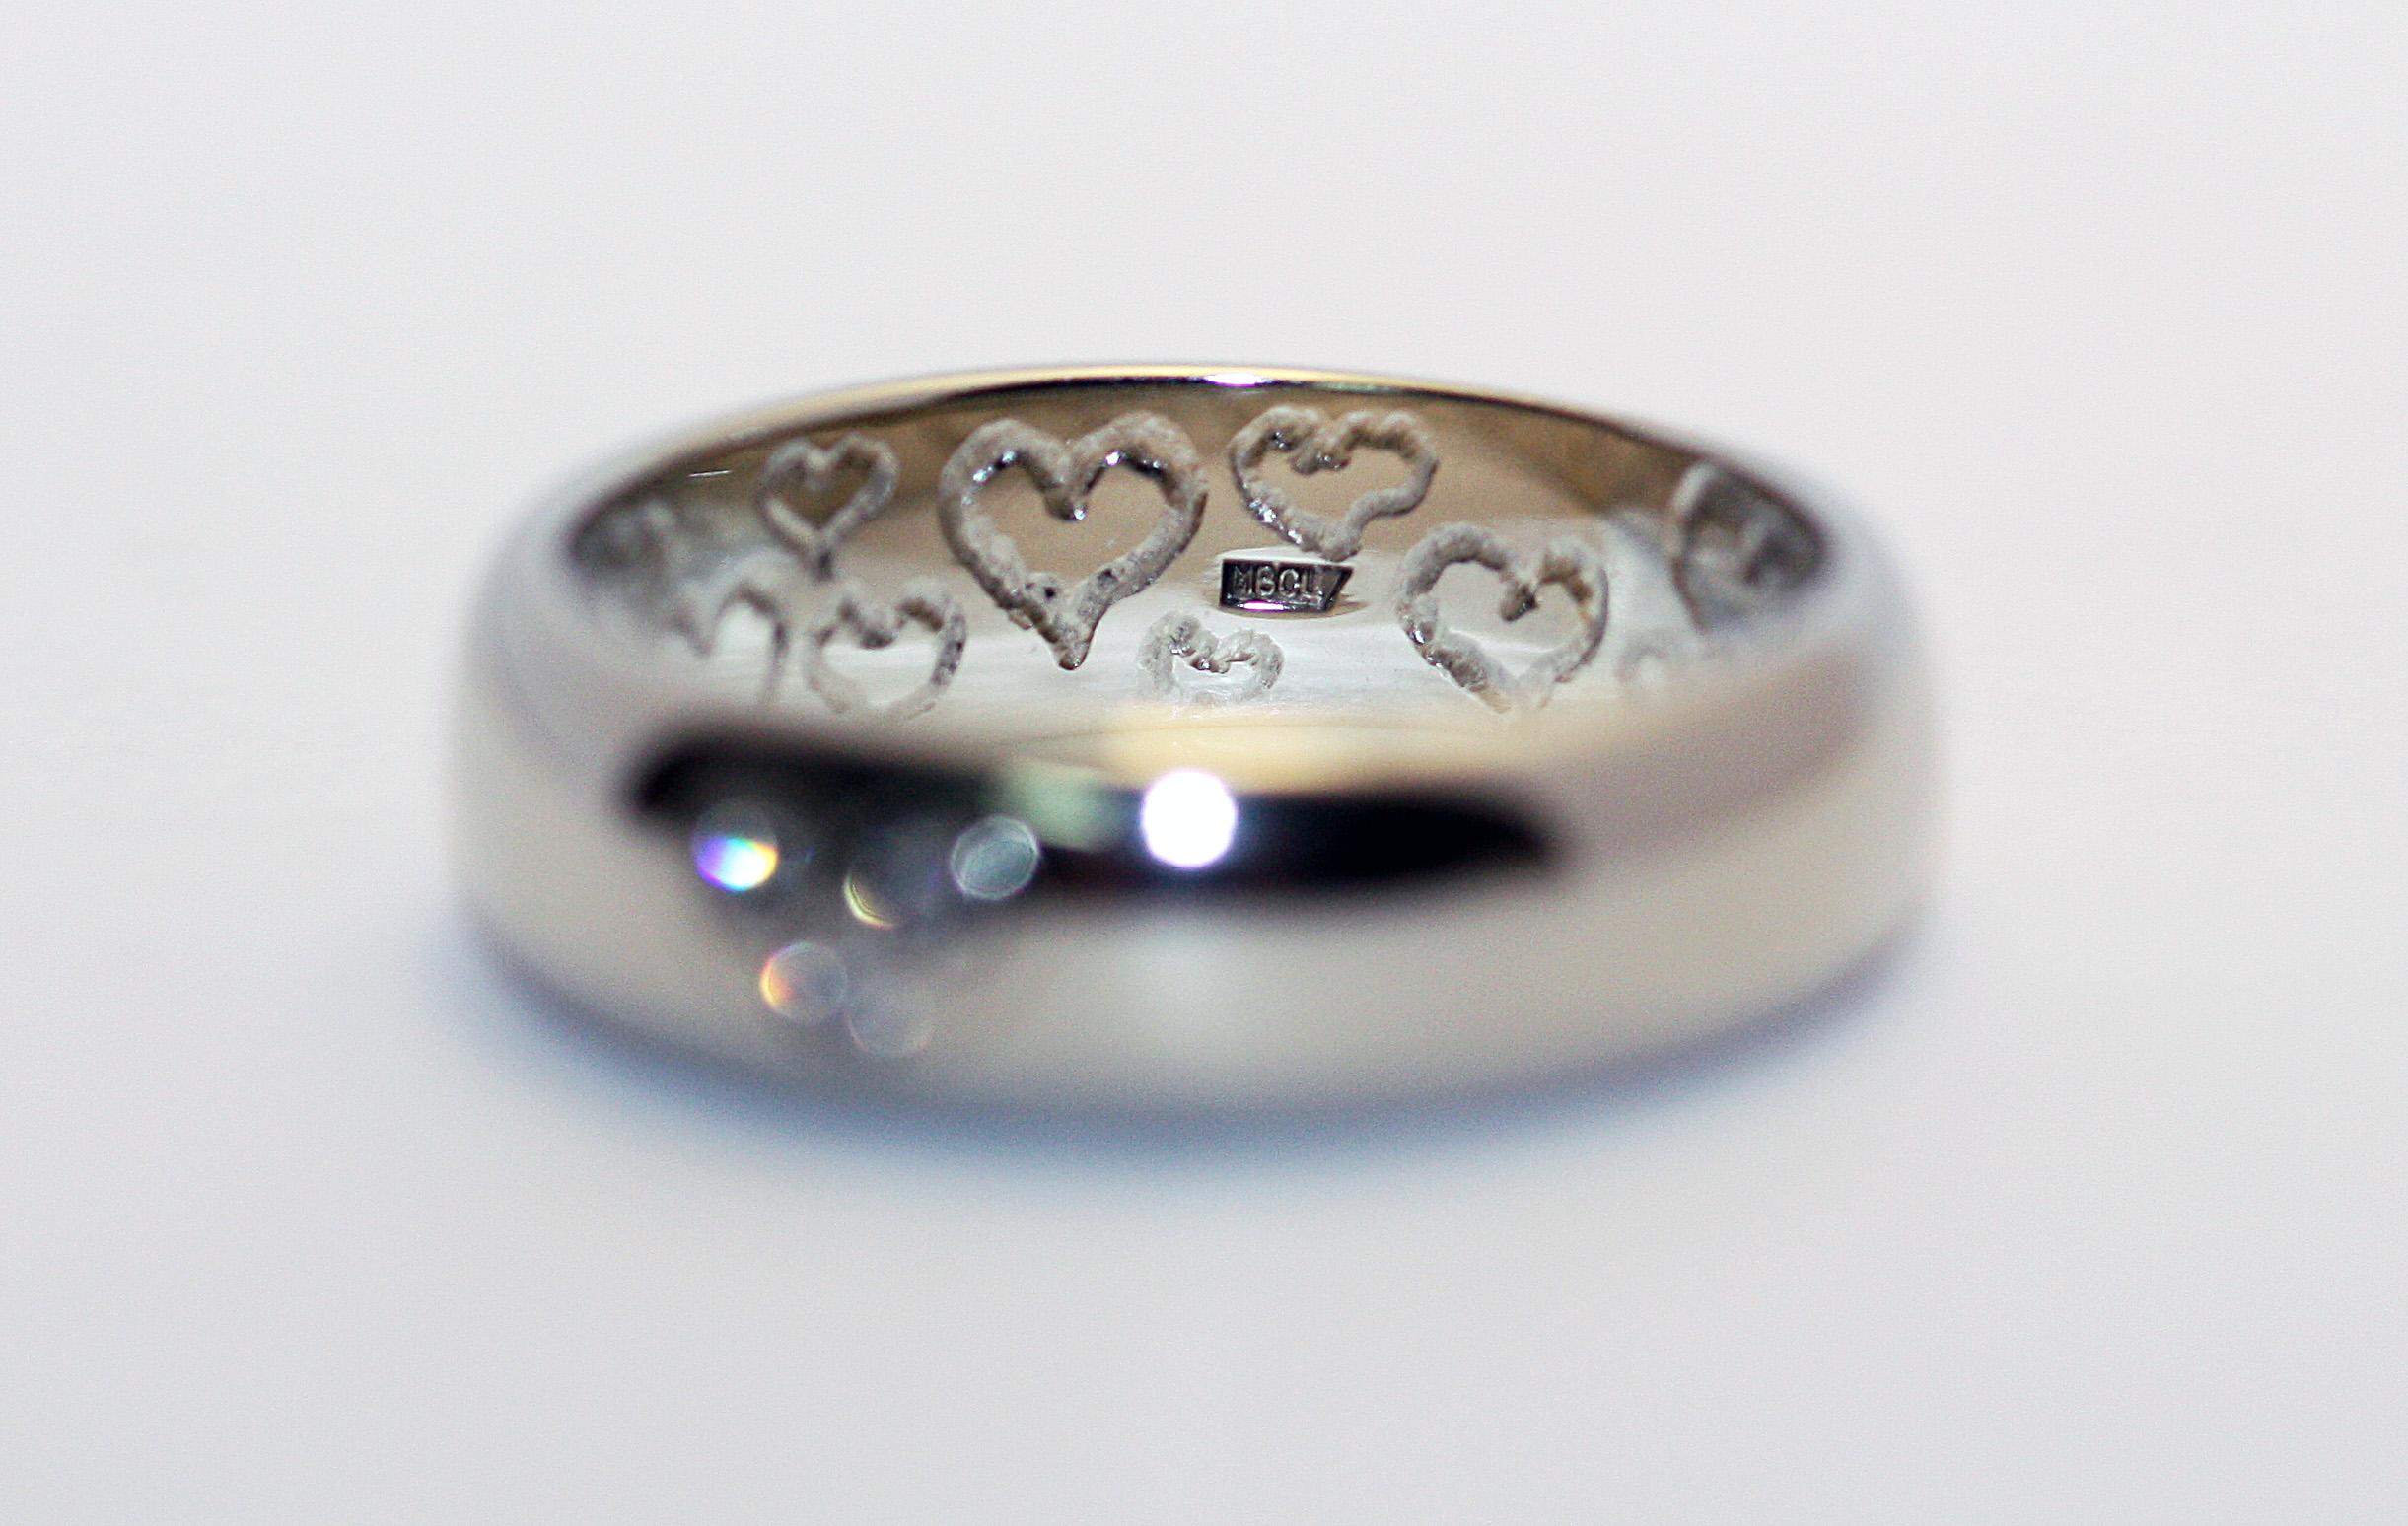 b201c7f2dd80 Обручальное кольцо с 3 бриллиантами и гравировкой Золотые кольца, Бриллианты,  Обручальные кольца